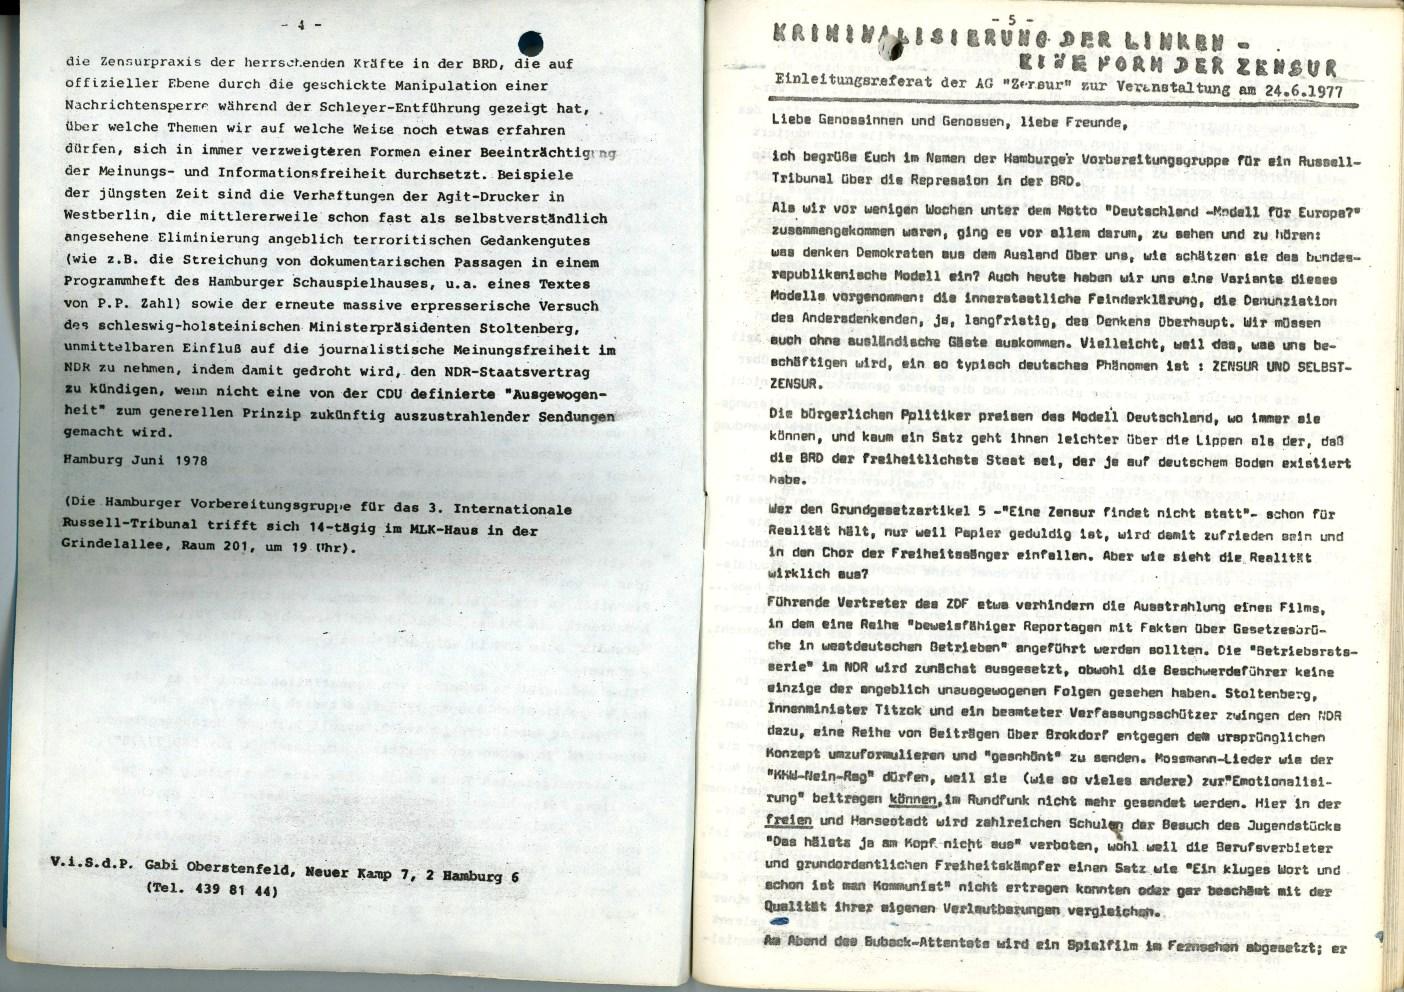 Hamburg_Vorbereitungsgruppe_Russell_Tribunal_Zensur_1978_03